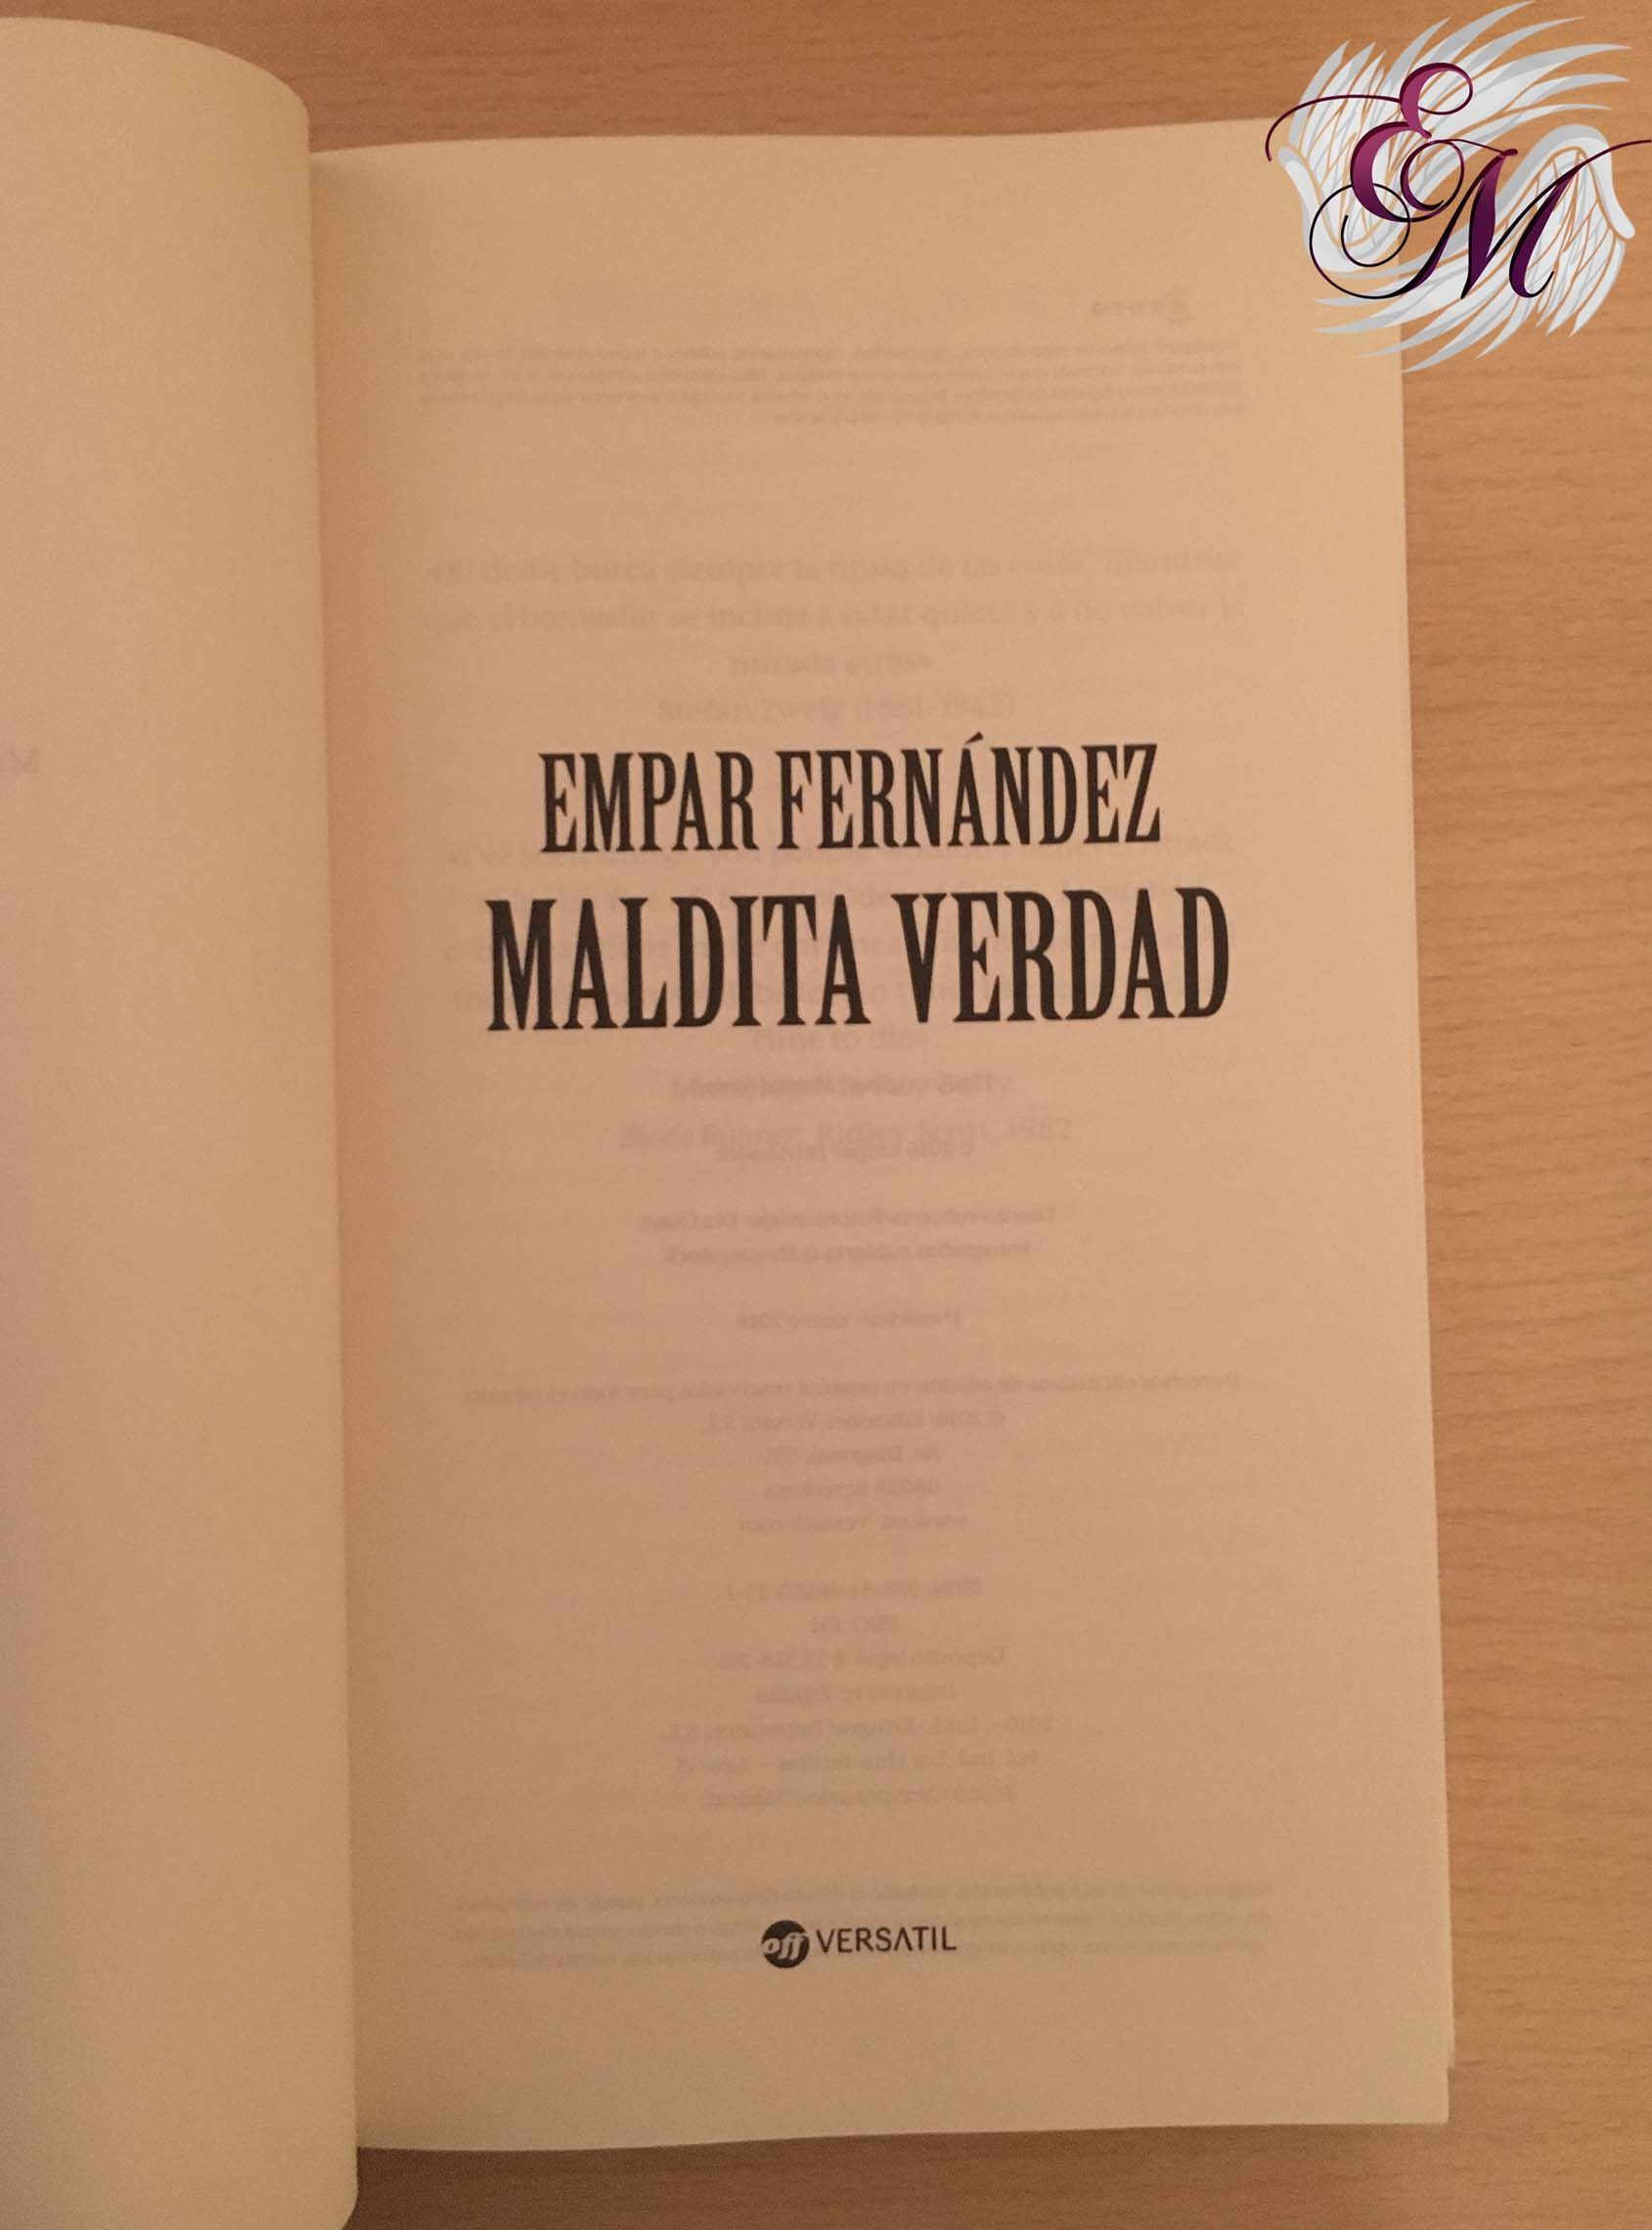 Maldita verdad, de Empar Fernández - Reseña